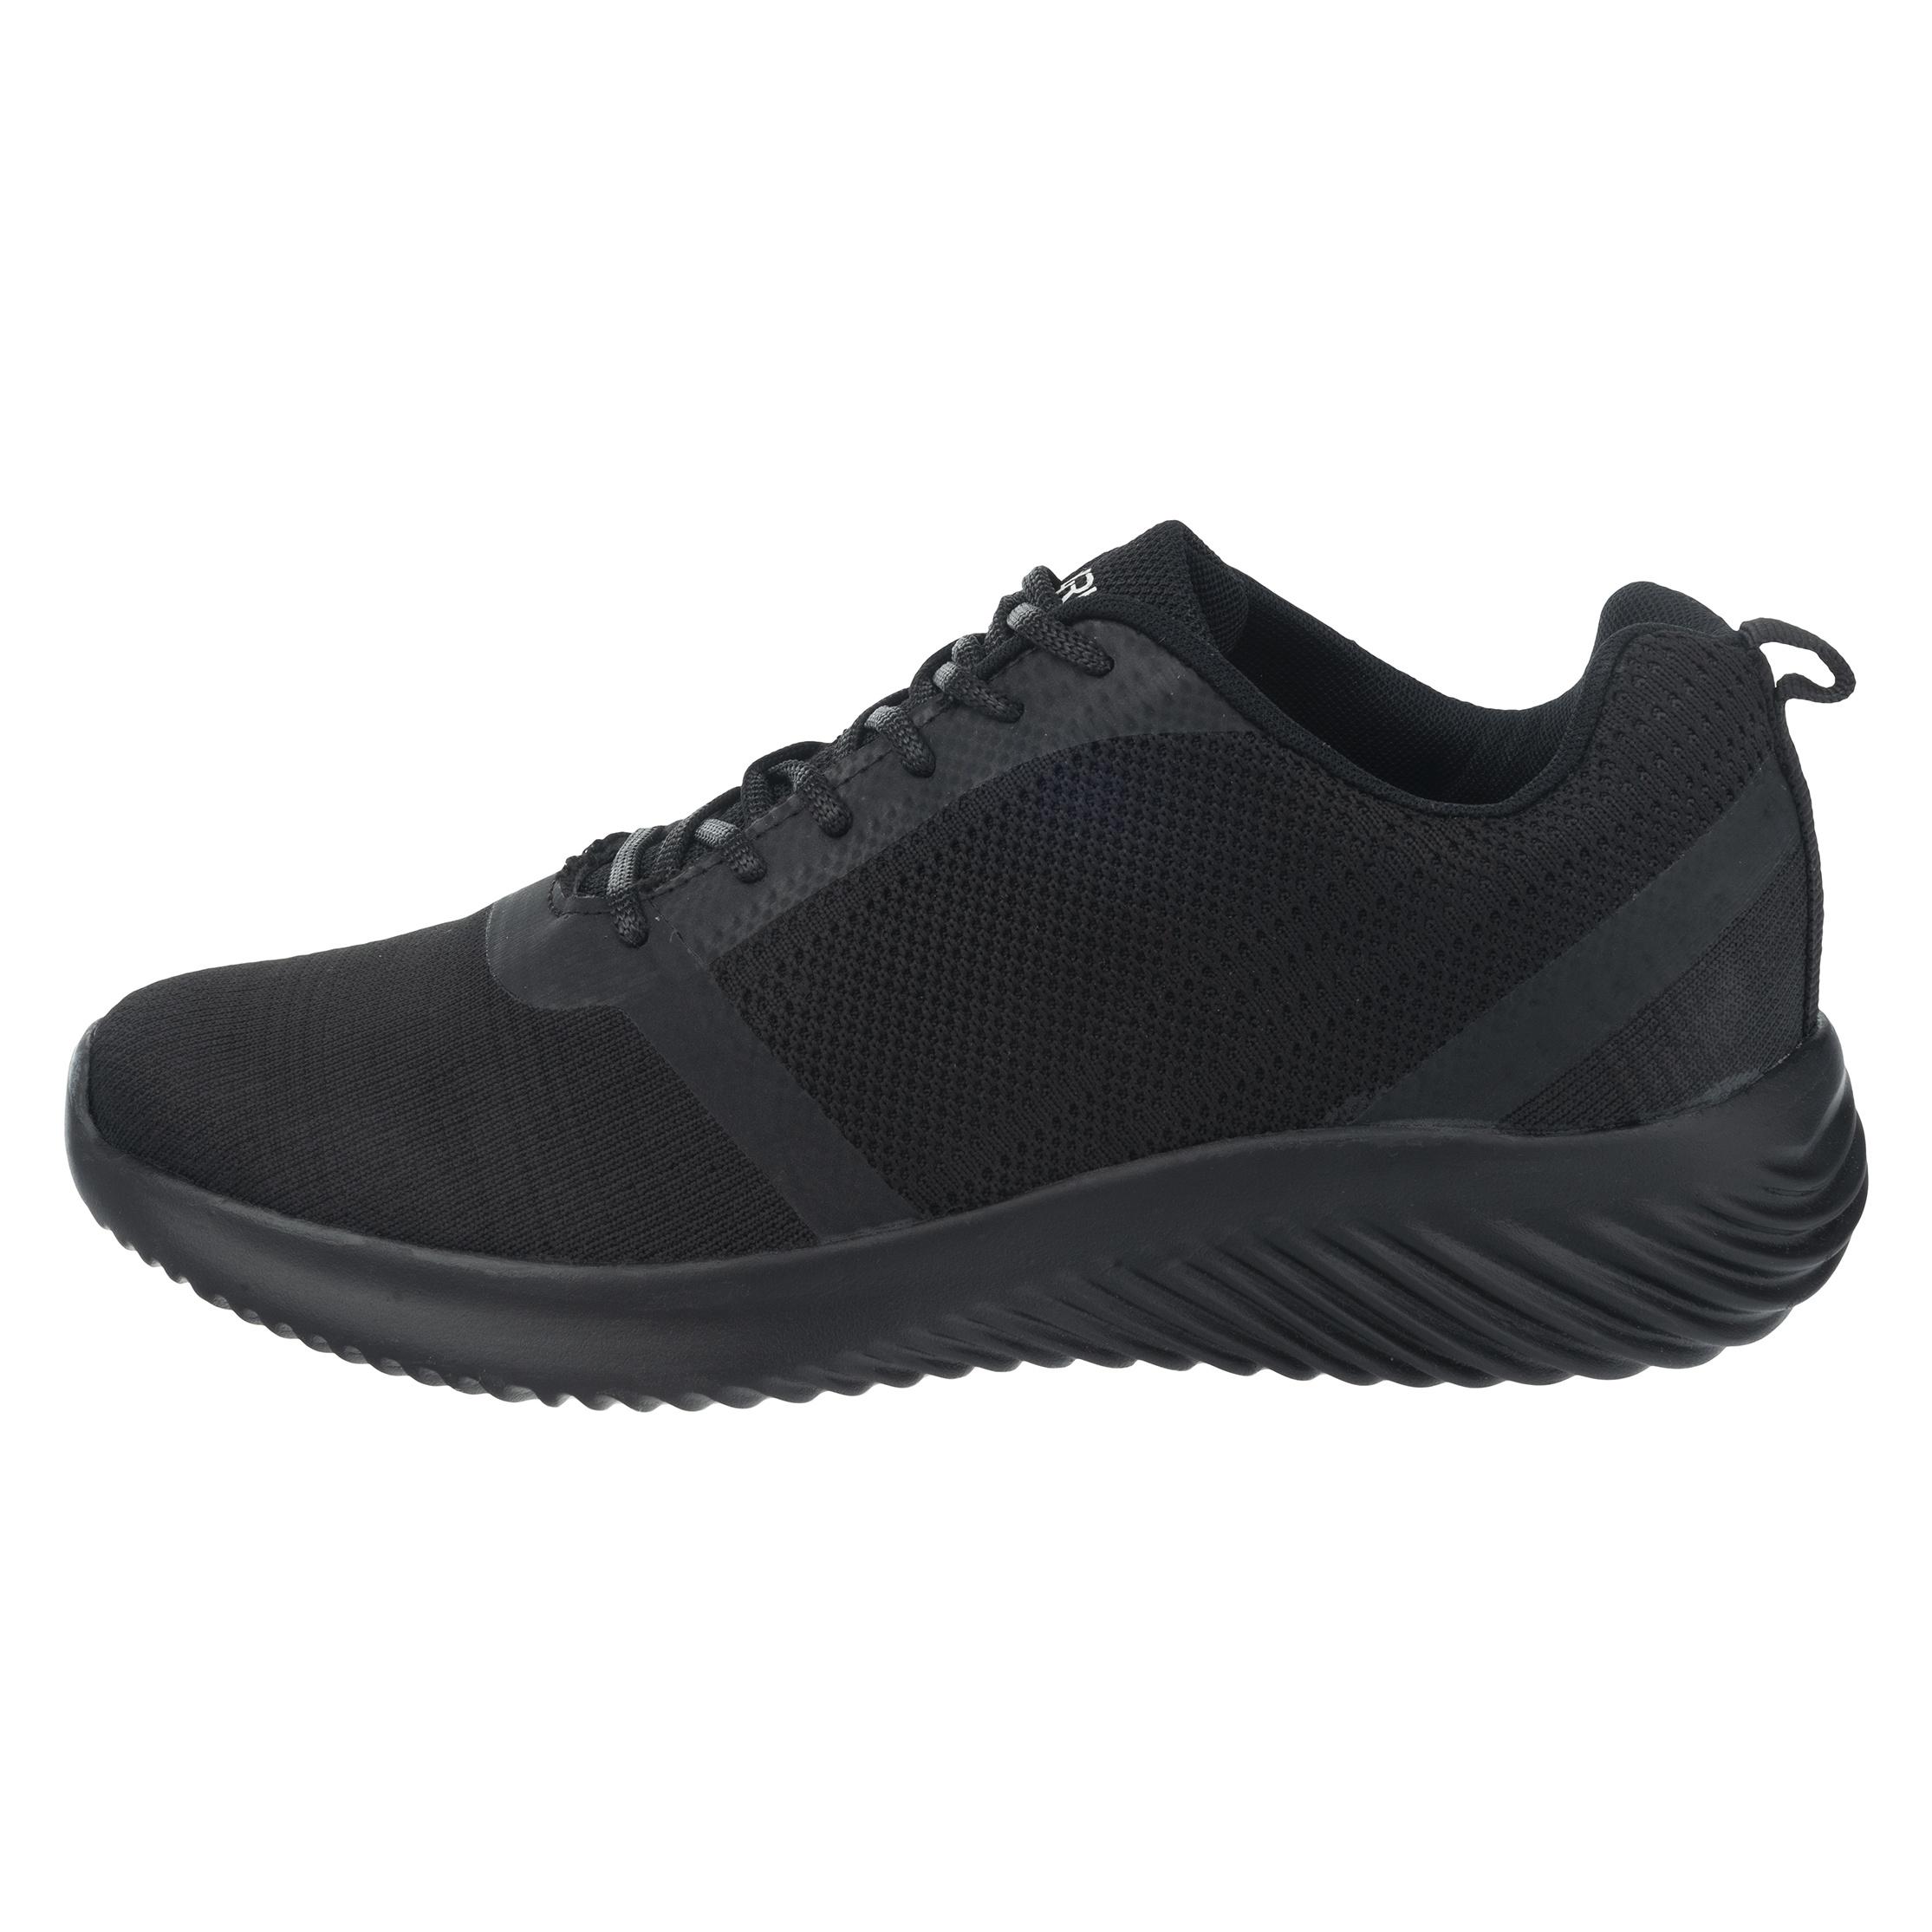 کفش ورزشی مردانه بی فور ران مدل 981112-99